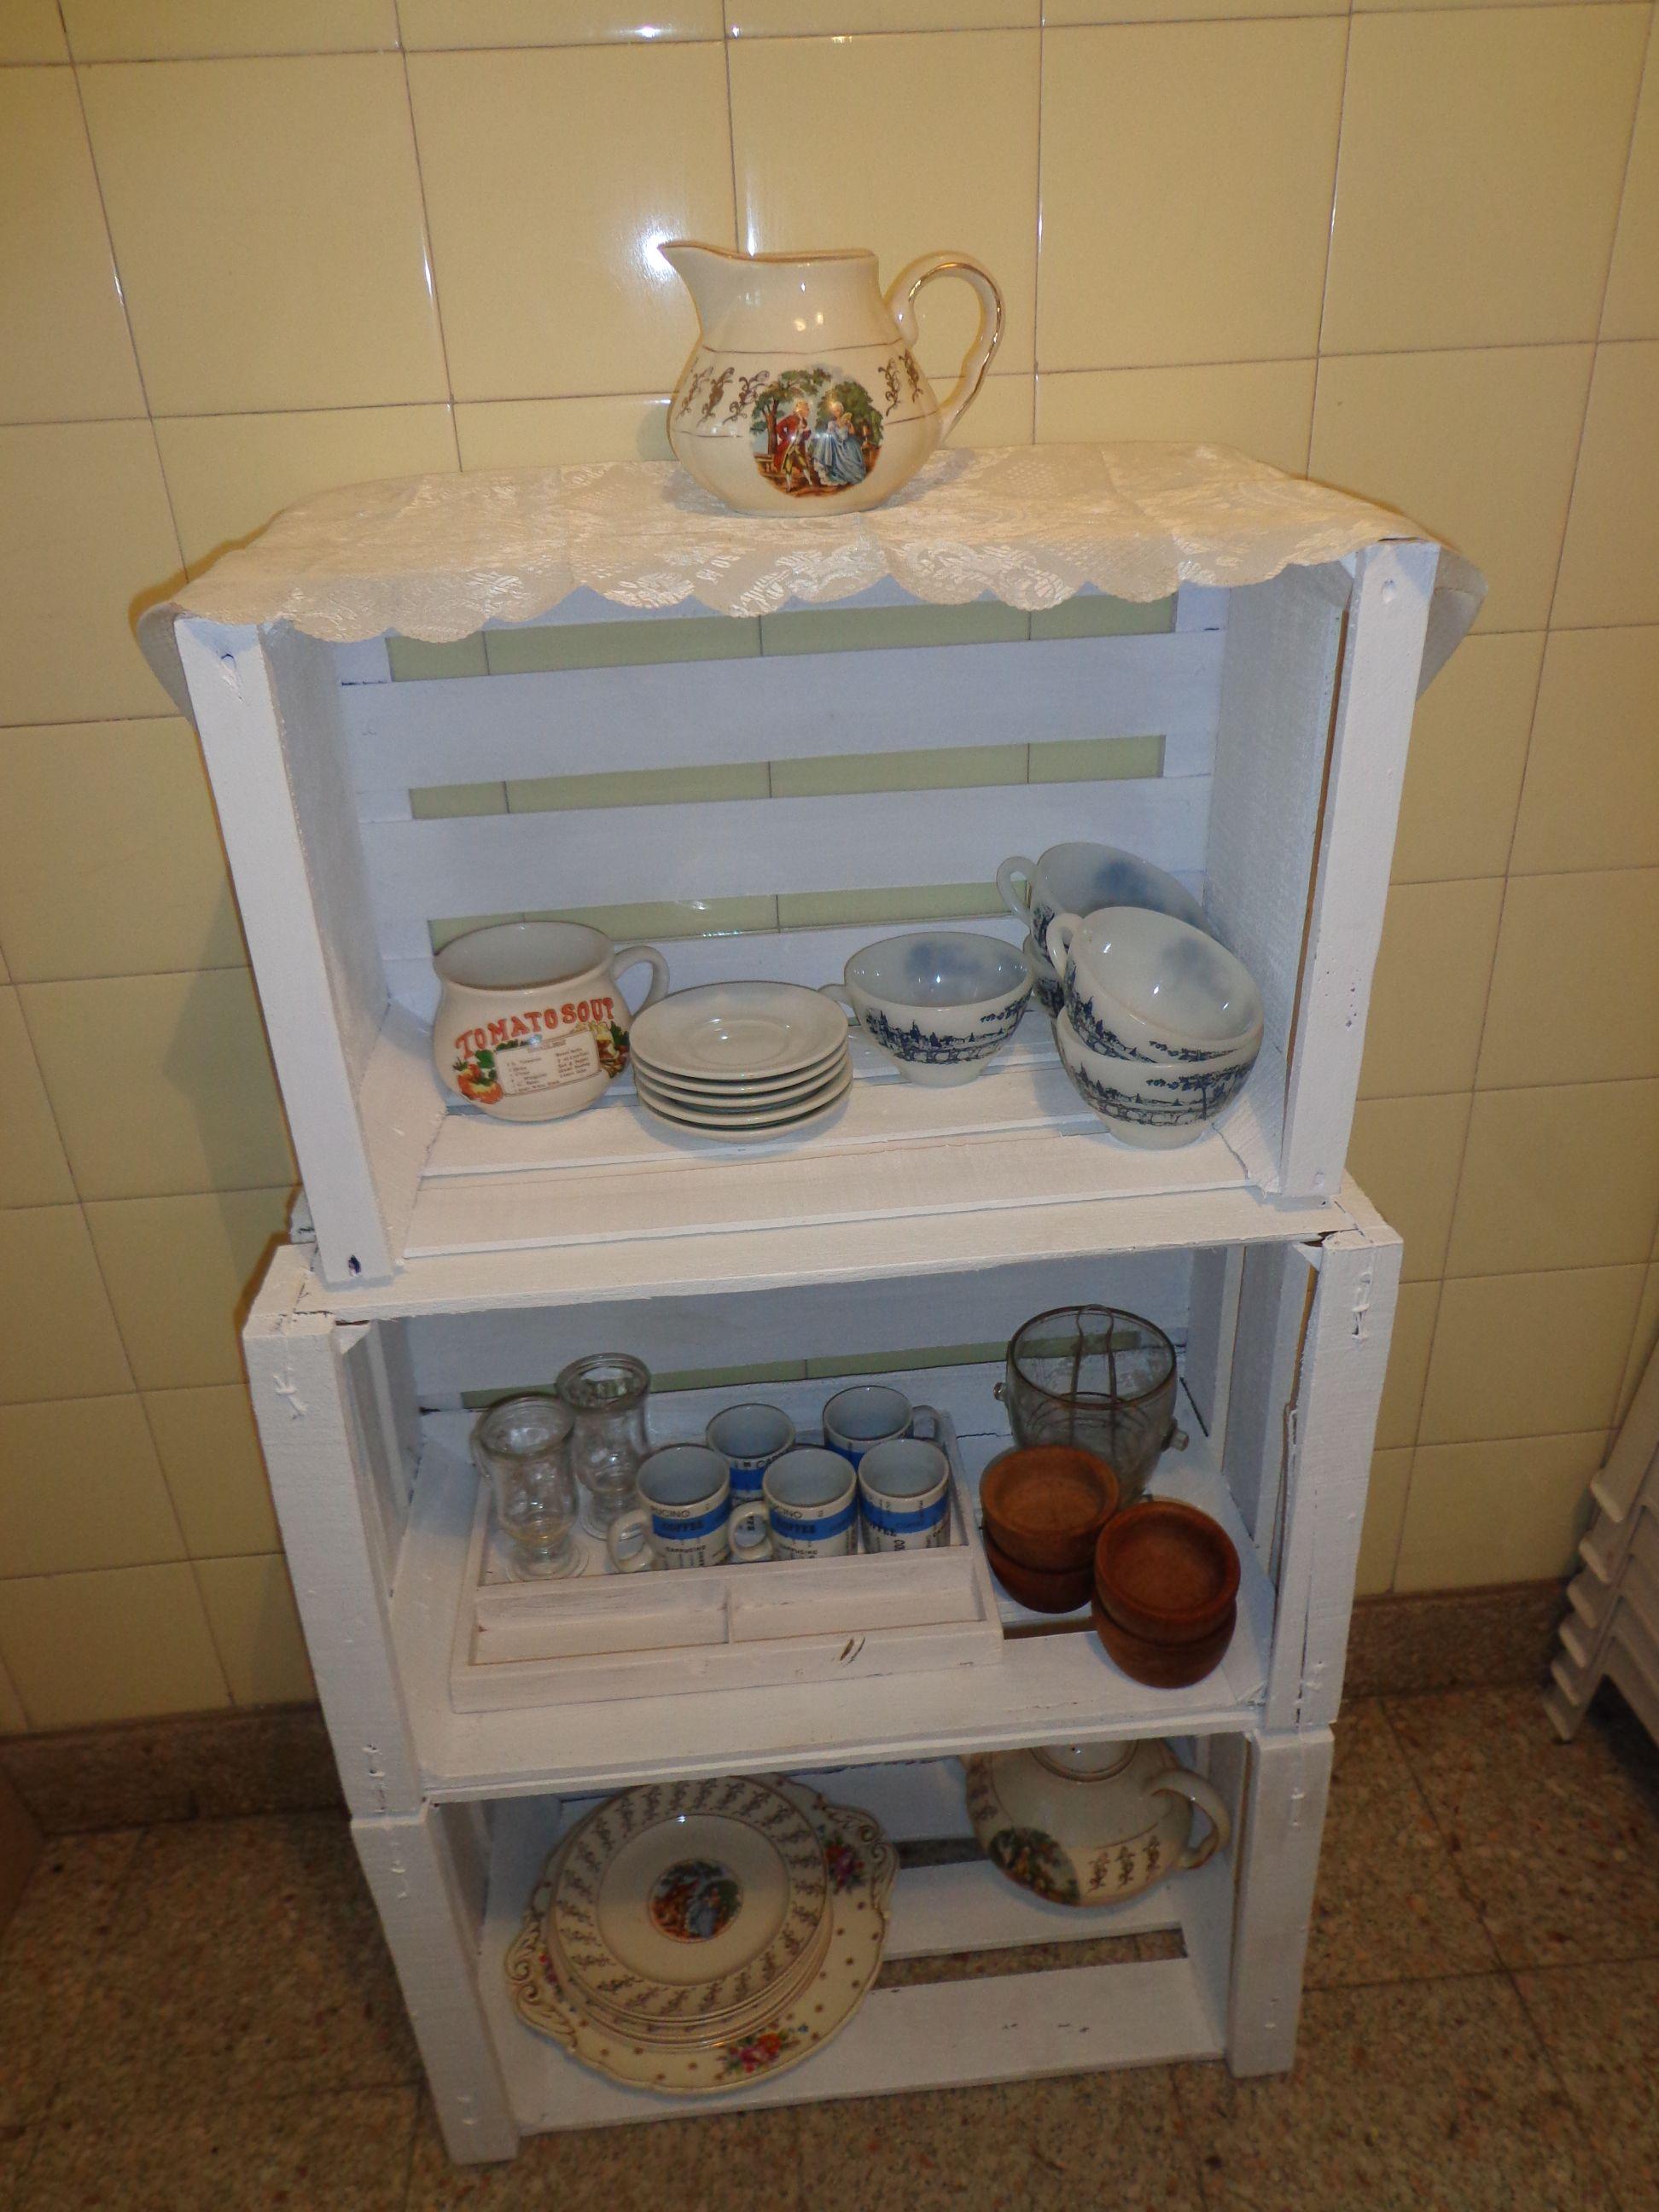 Mueble reciclado para guardar vajilla armario para guardar vajilla pinterest muebles - Muebles para vajilla ...